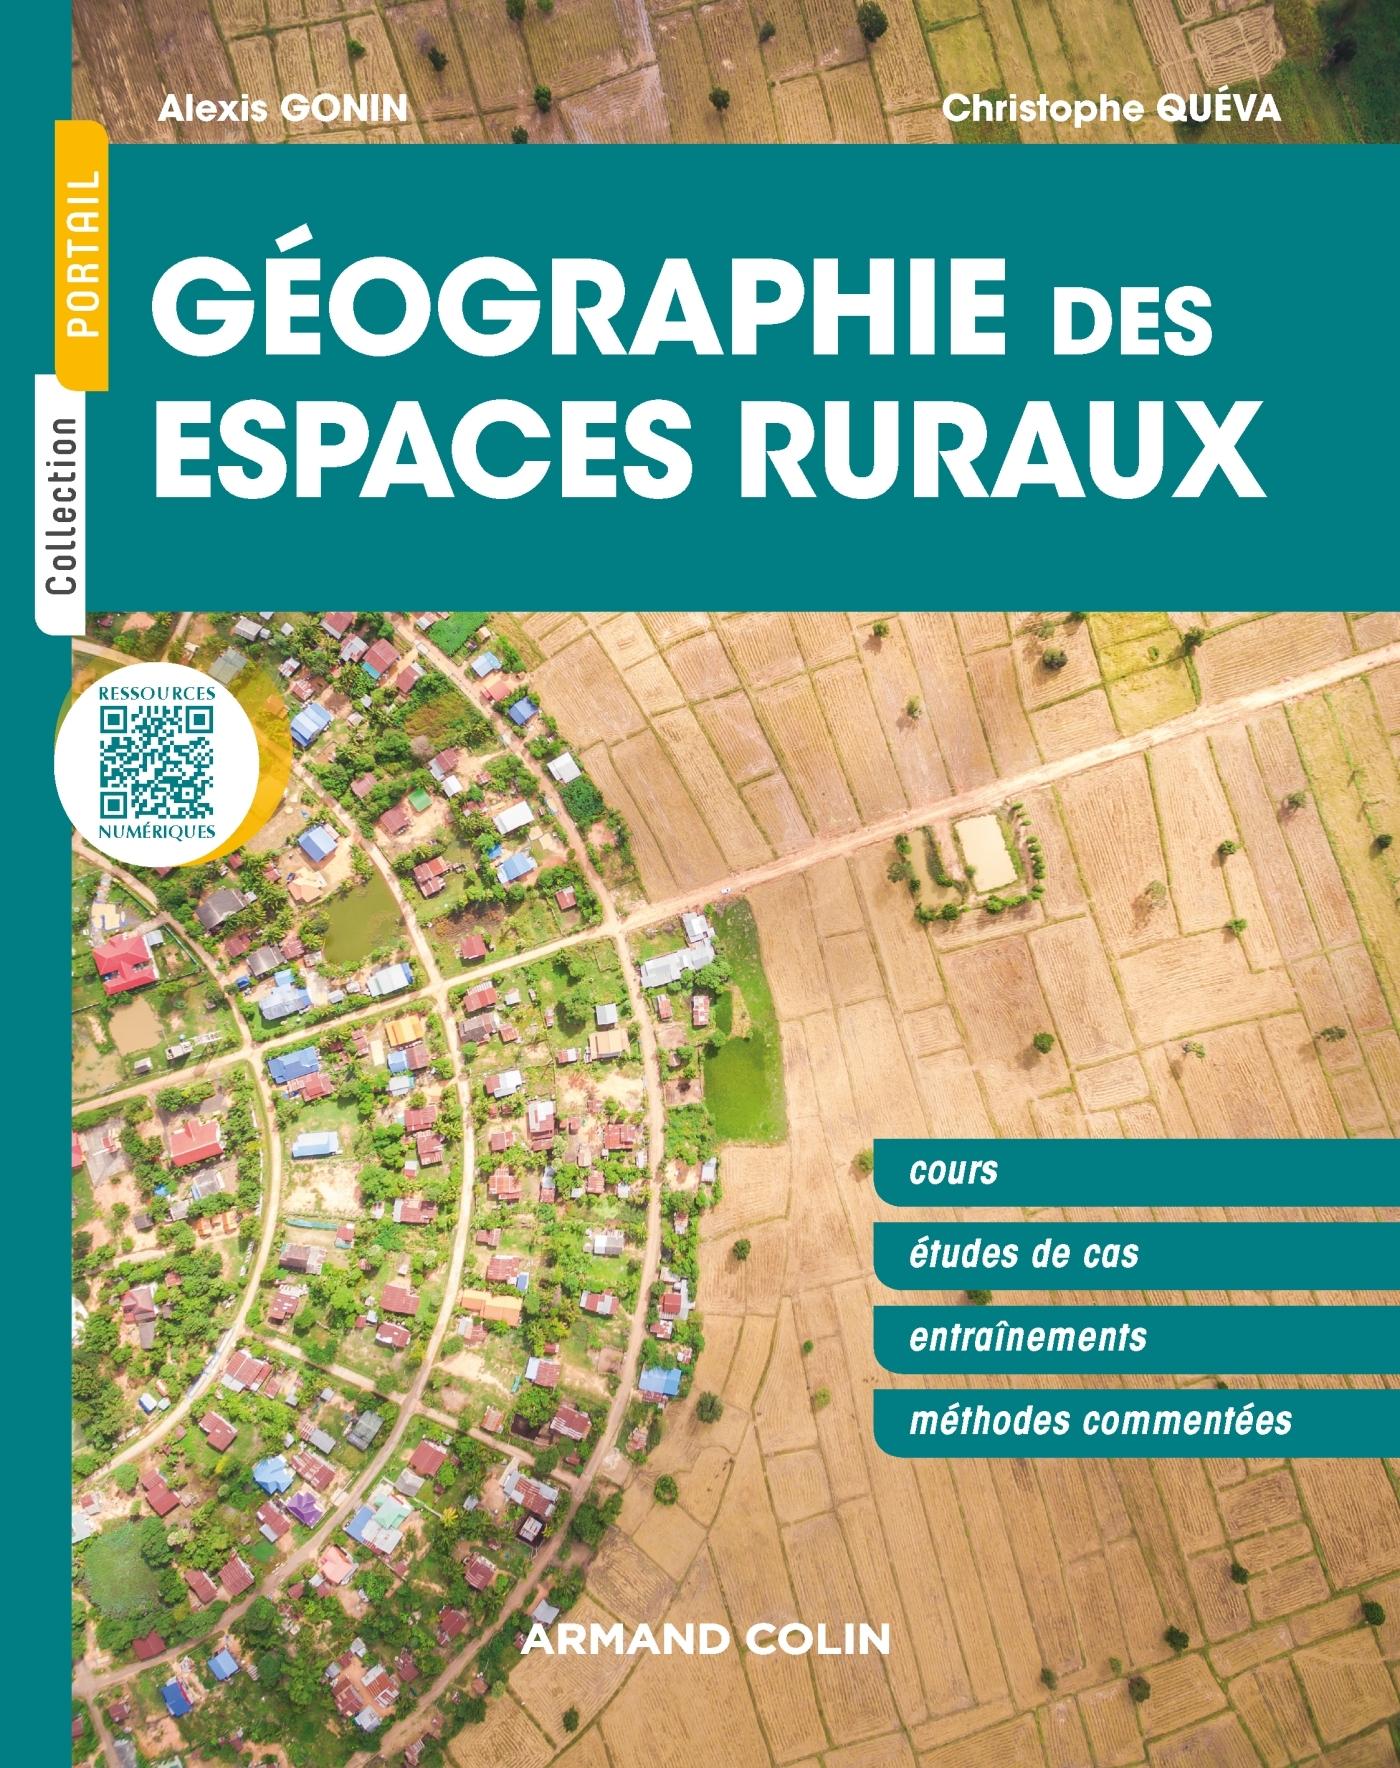 GEOGRAPHIE DES ESPACES RURAUX